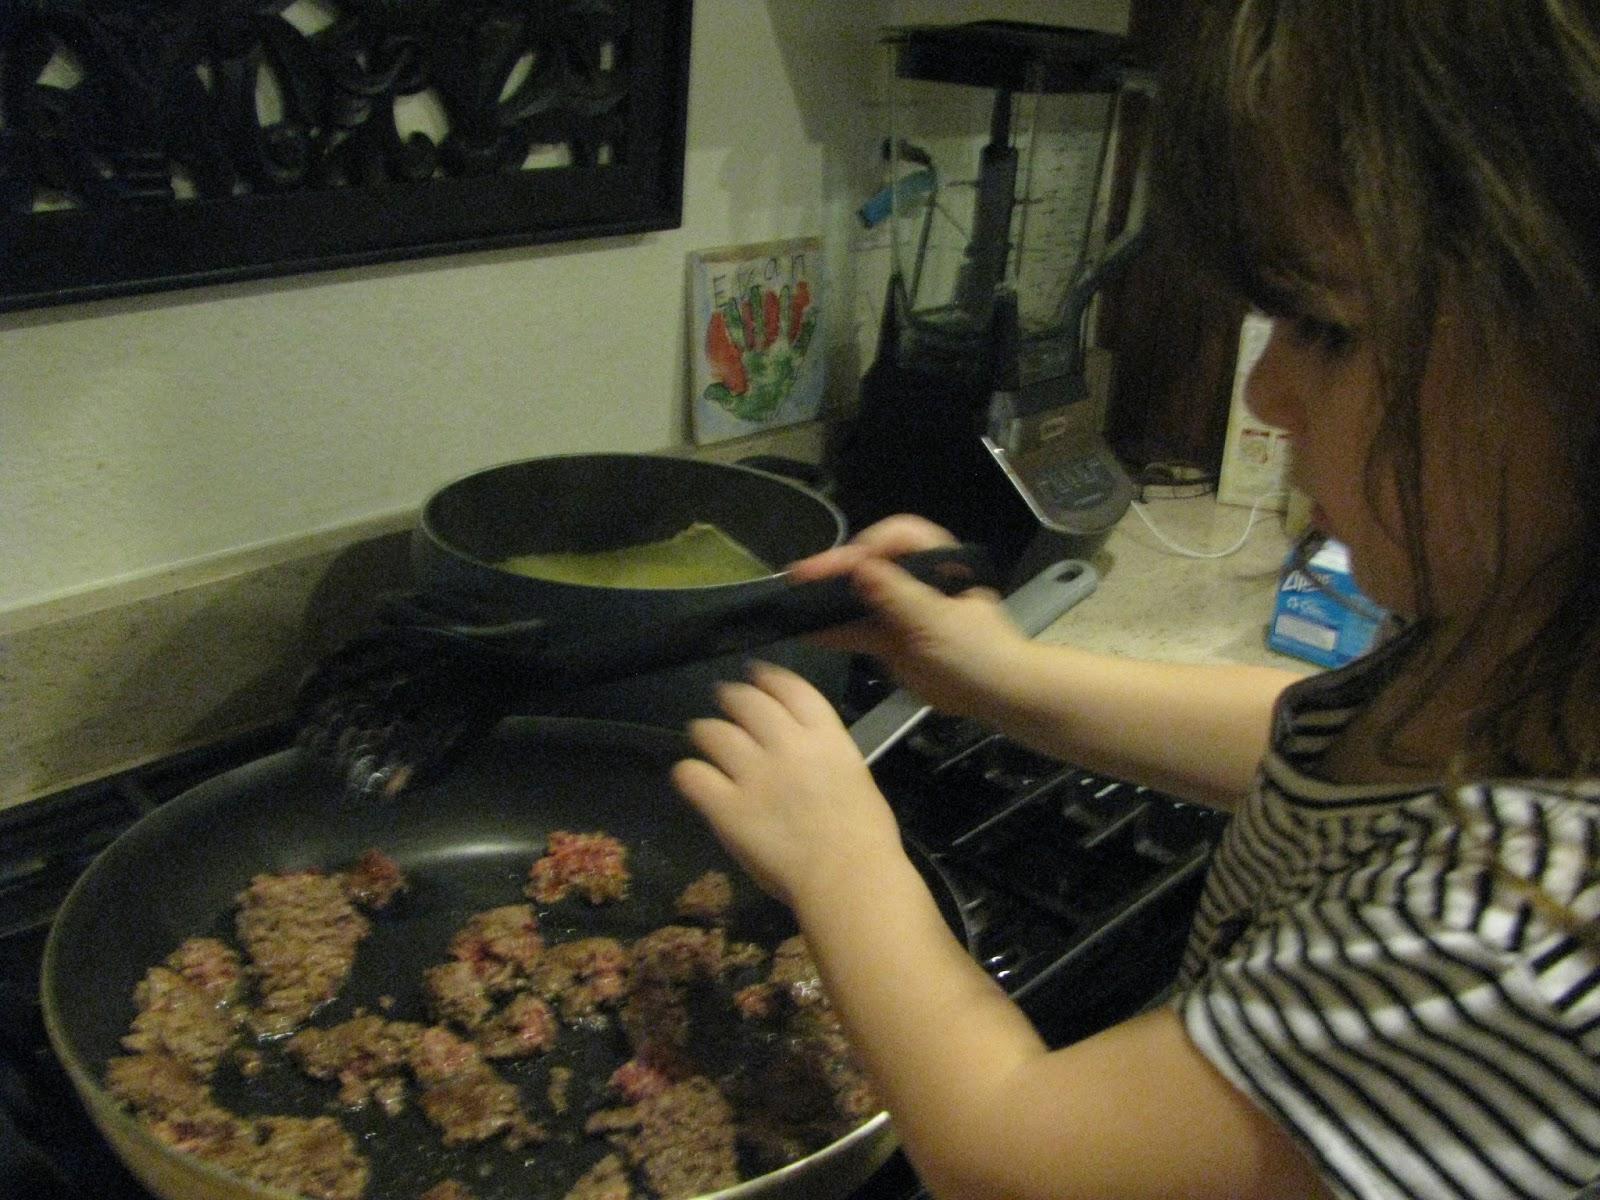 Charli S Crafty Kitchen New Episode